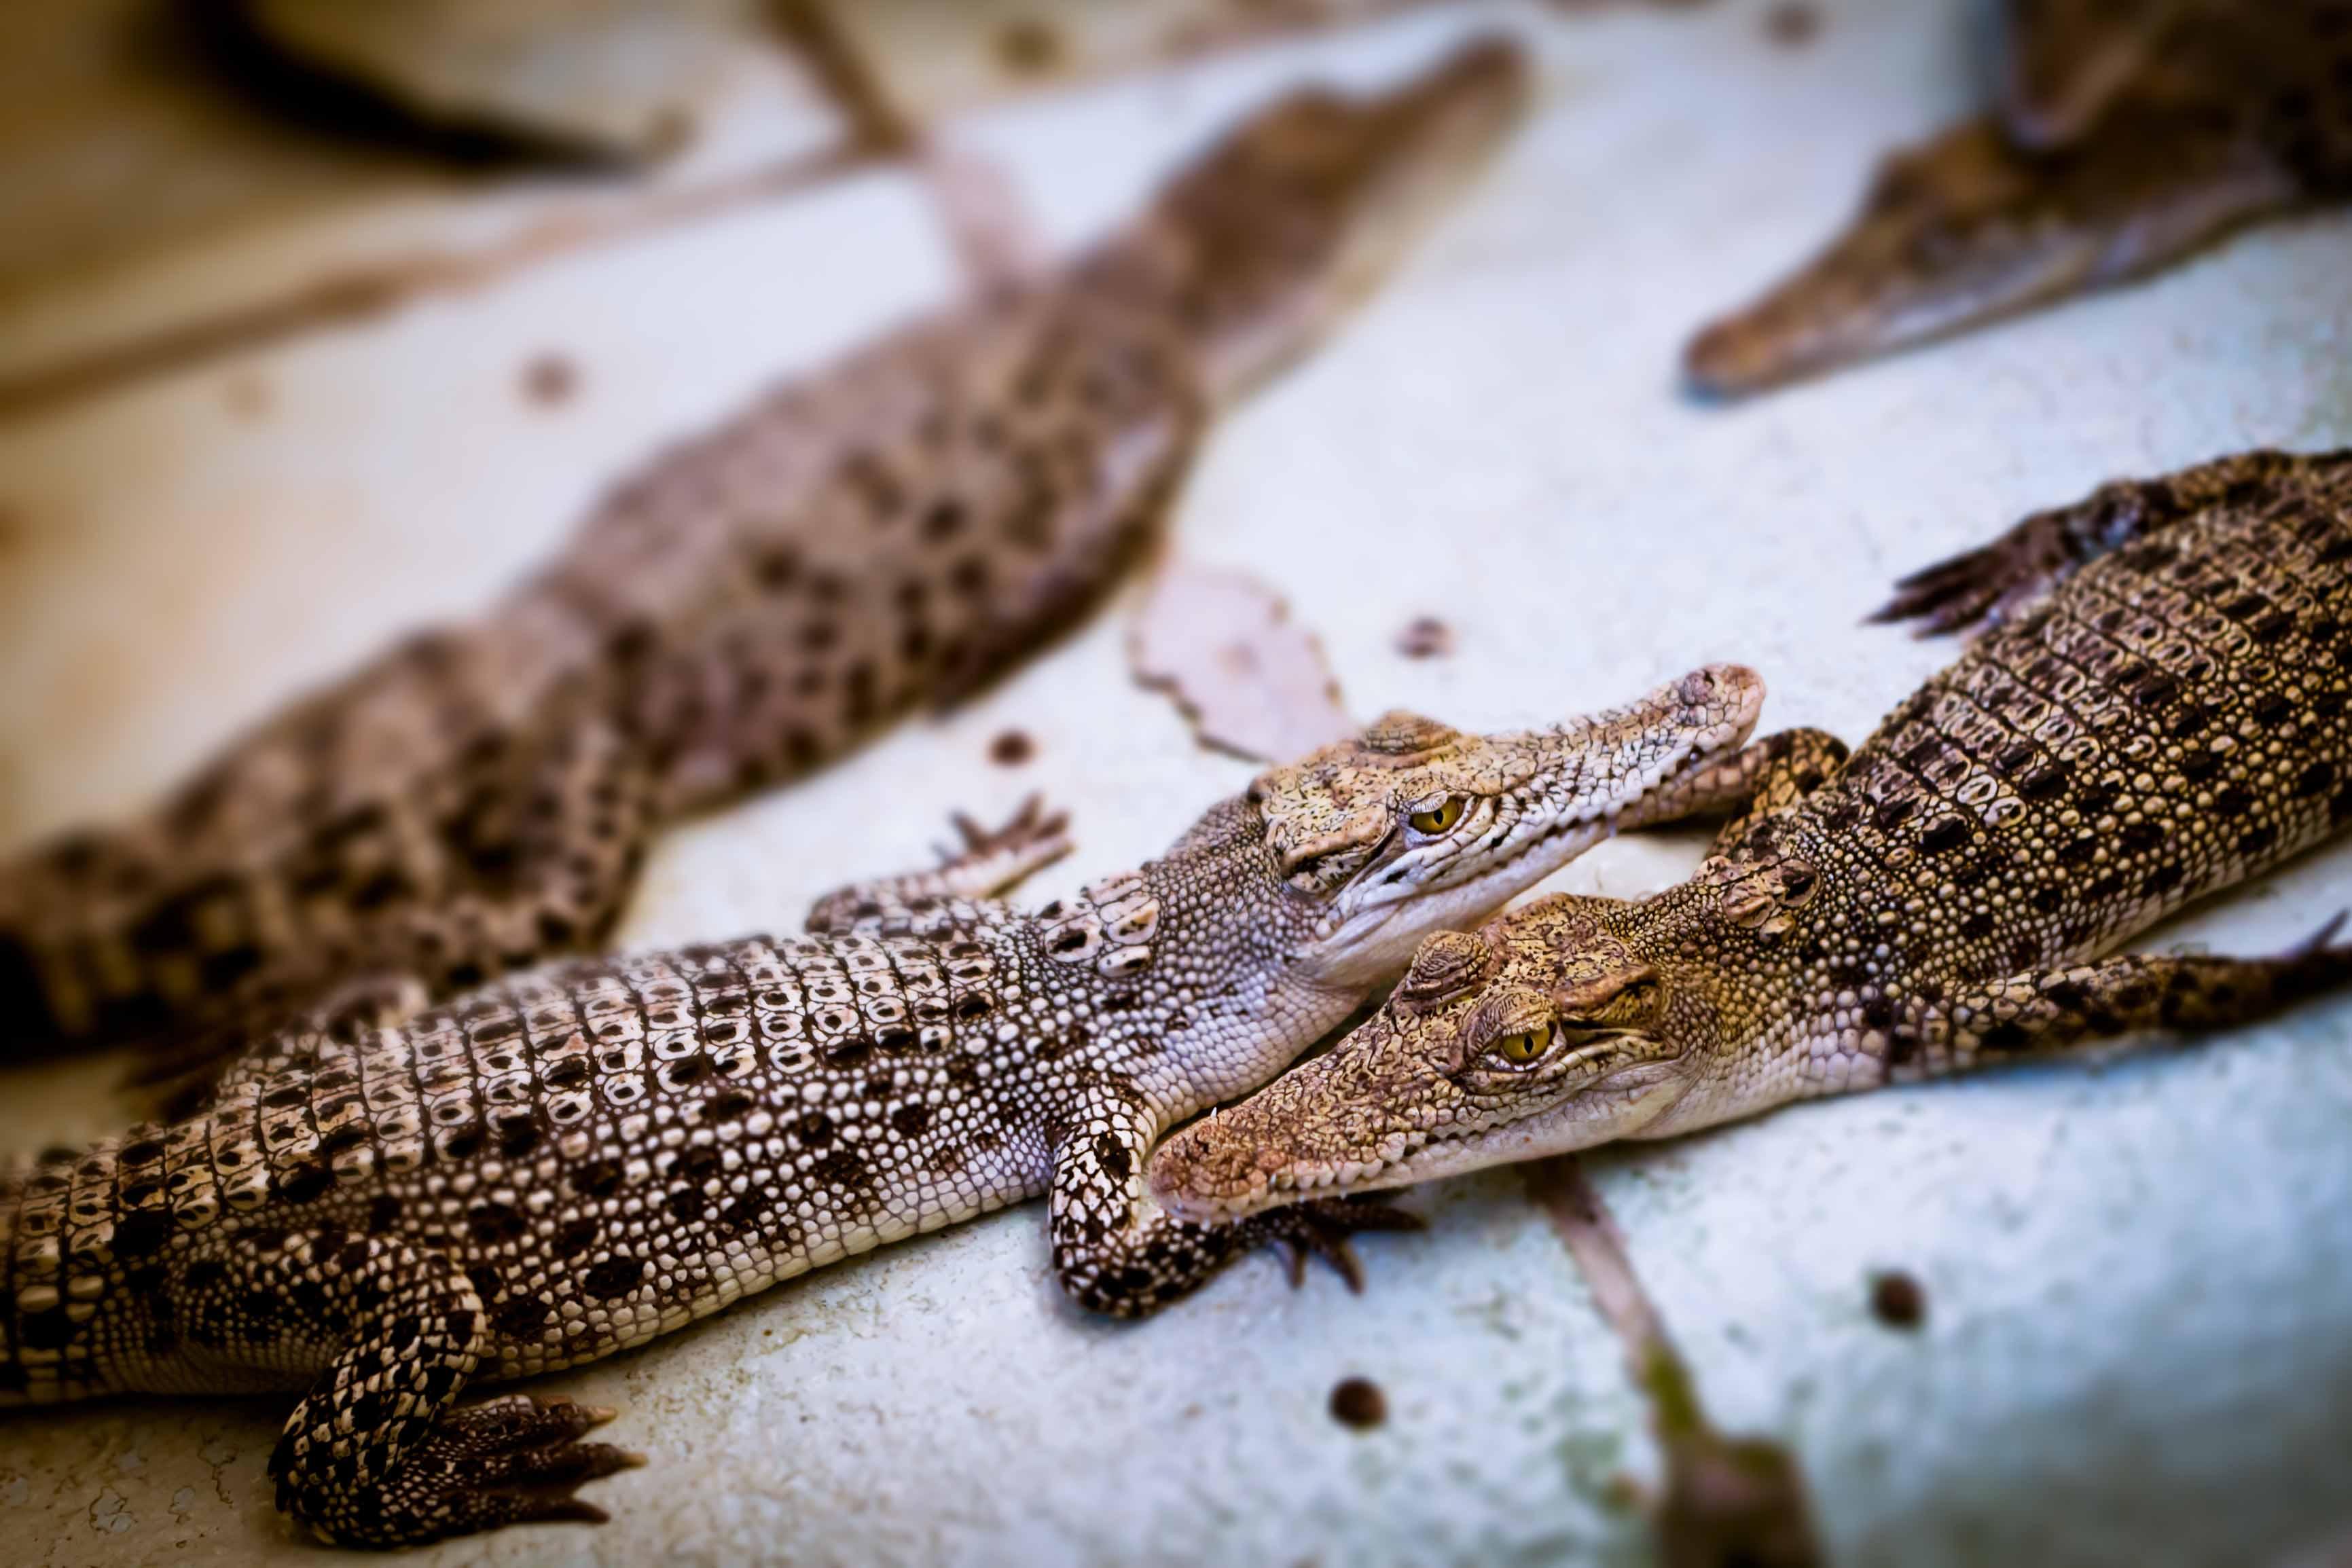 圖片取自https://bensonkua.wordpress.com/tag/palawan-wildlife-rescue-and-conservation-center/